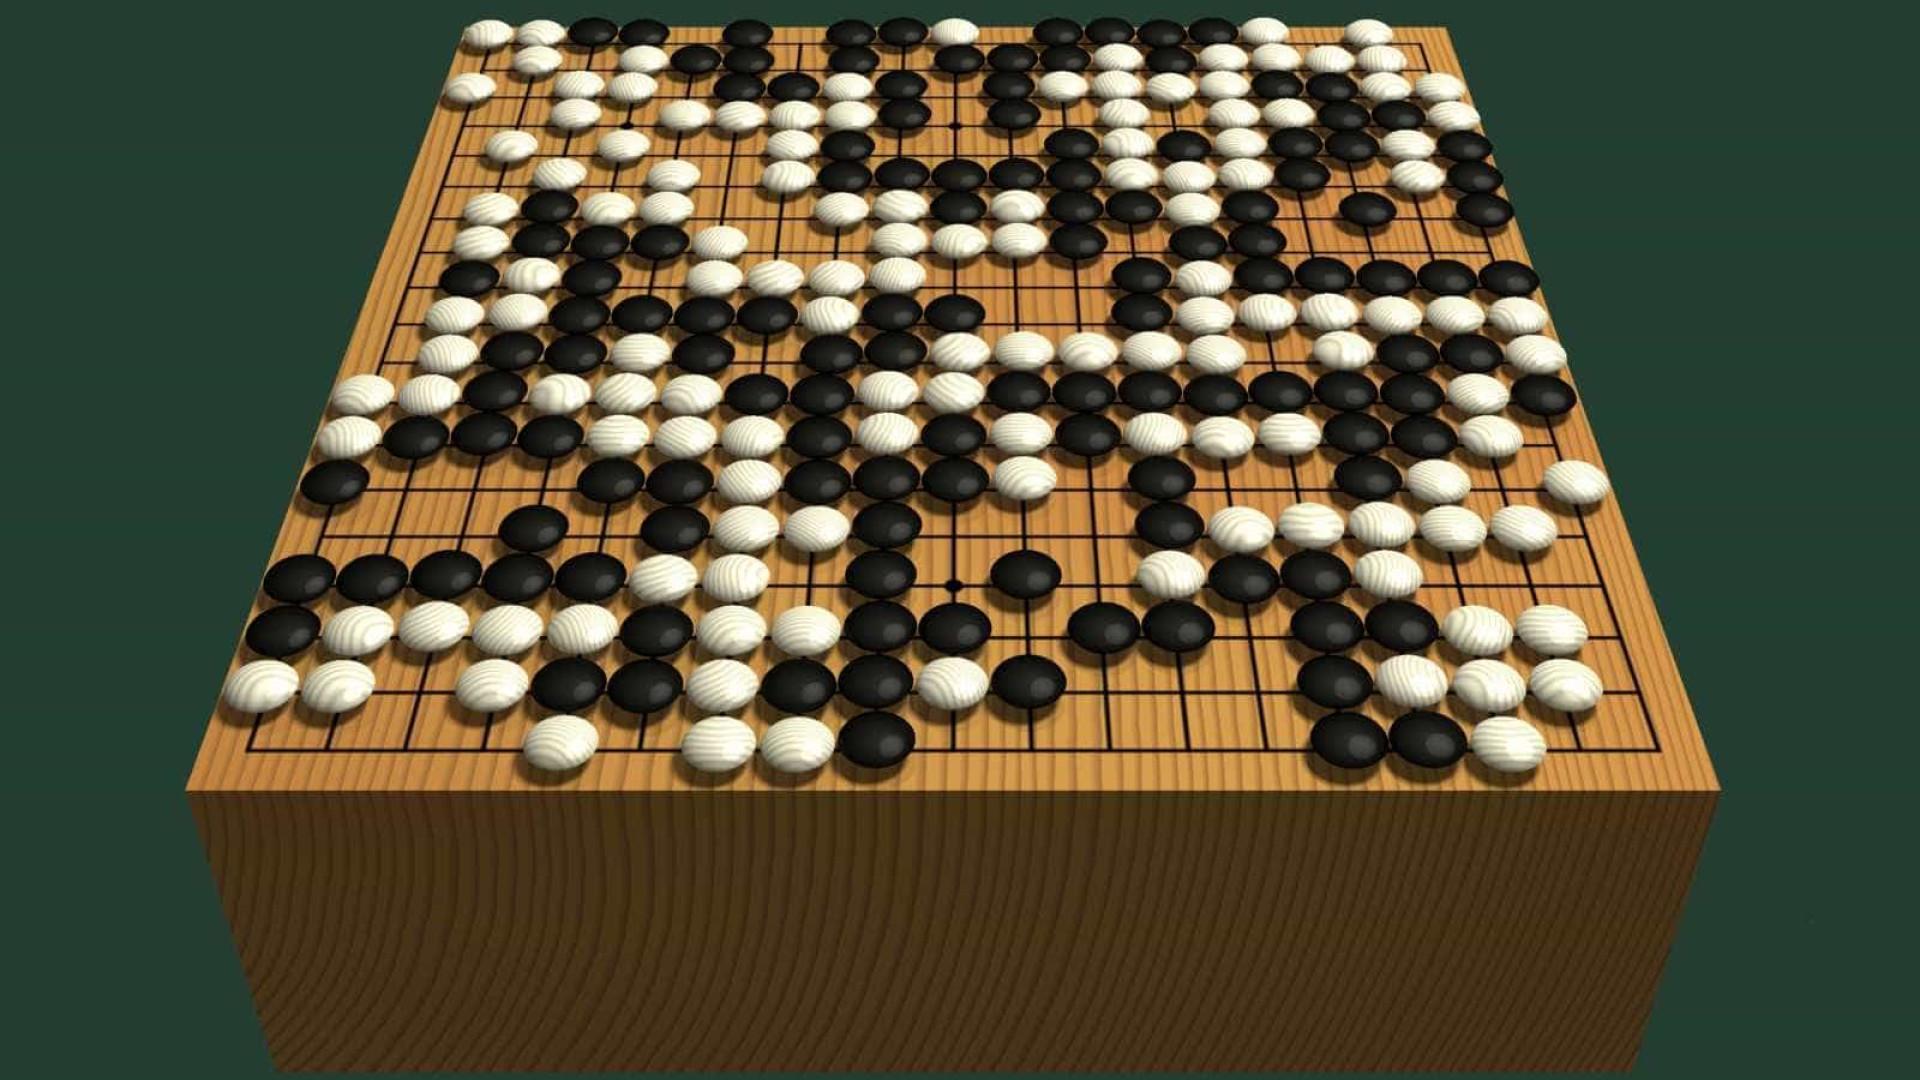 Computador vence campeão de jogo chinês pela primeira vez